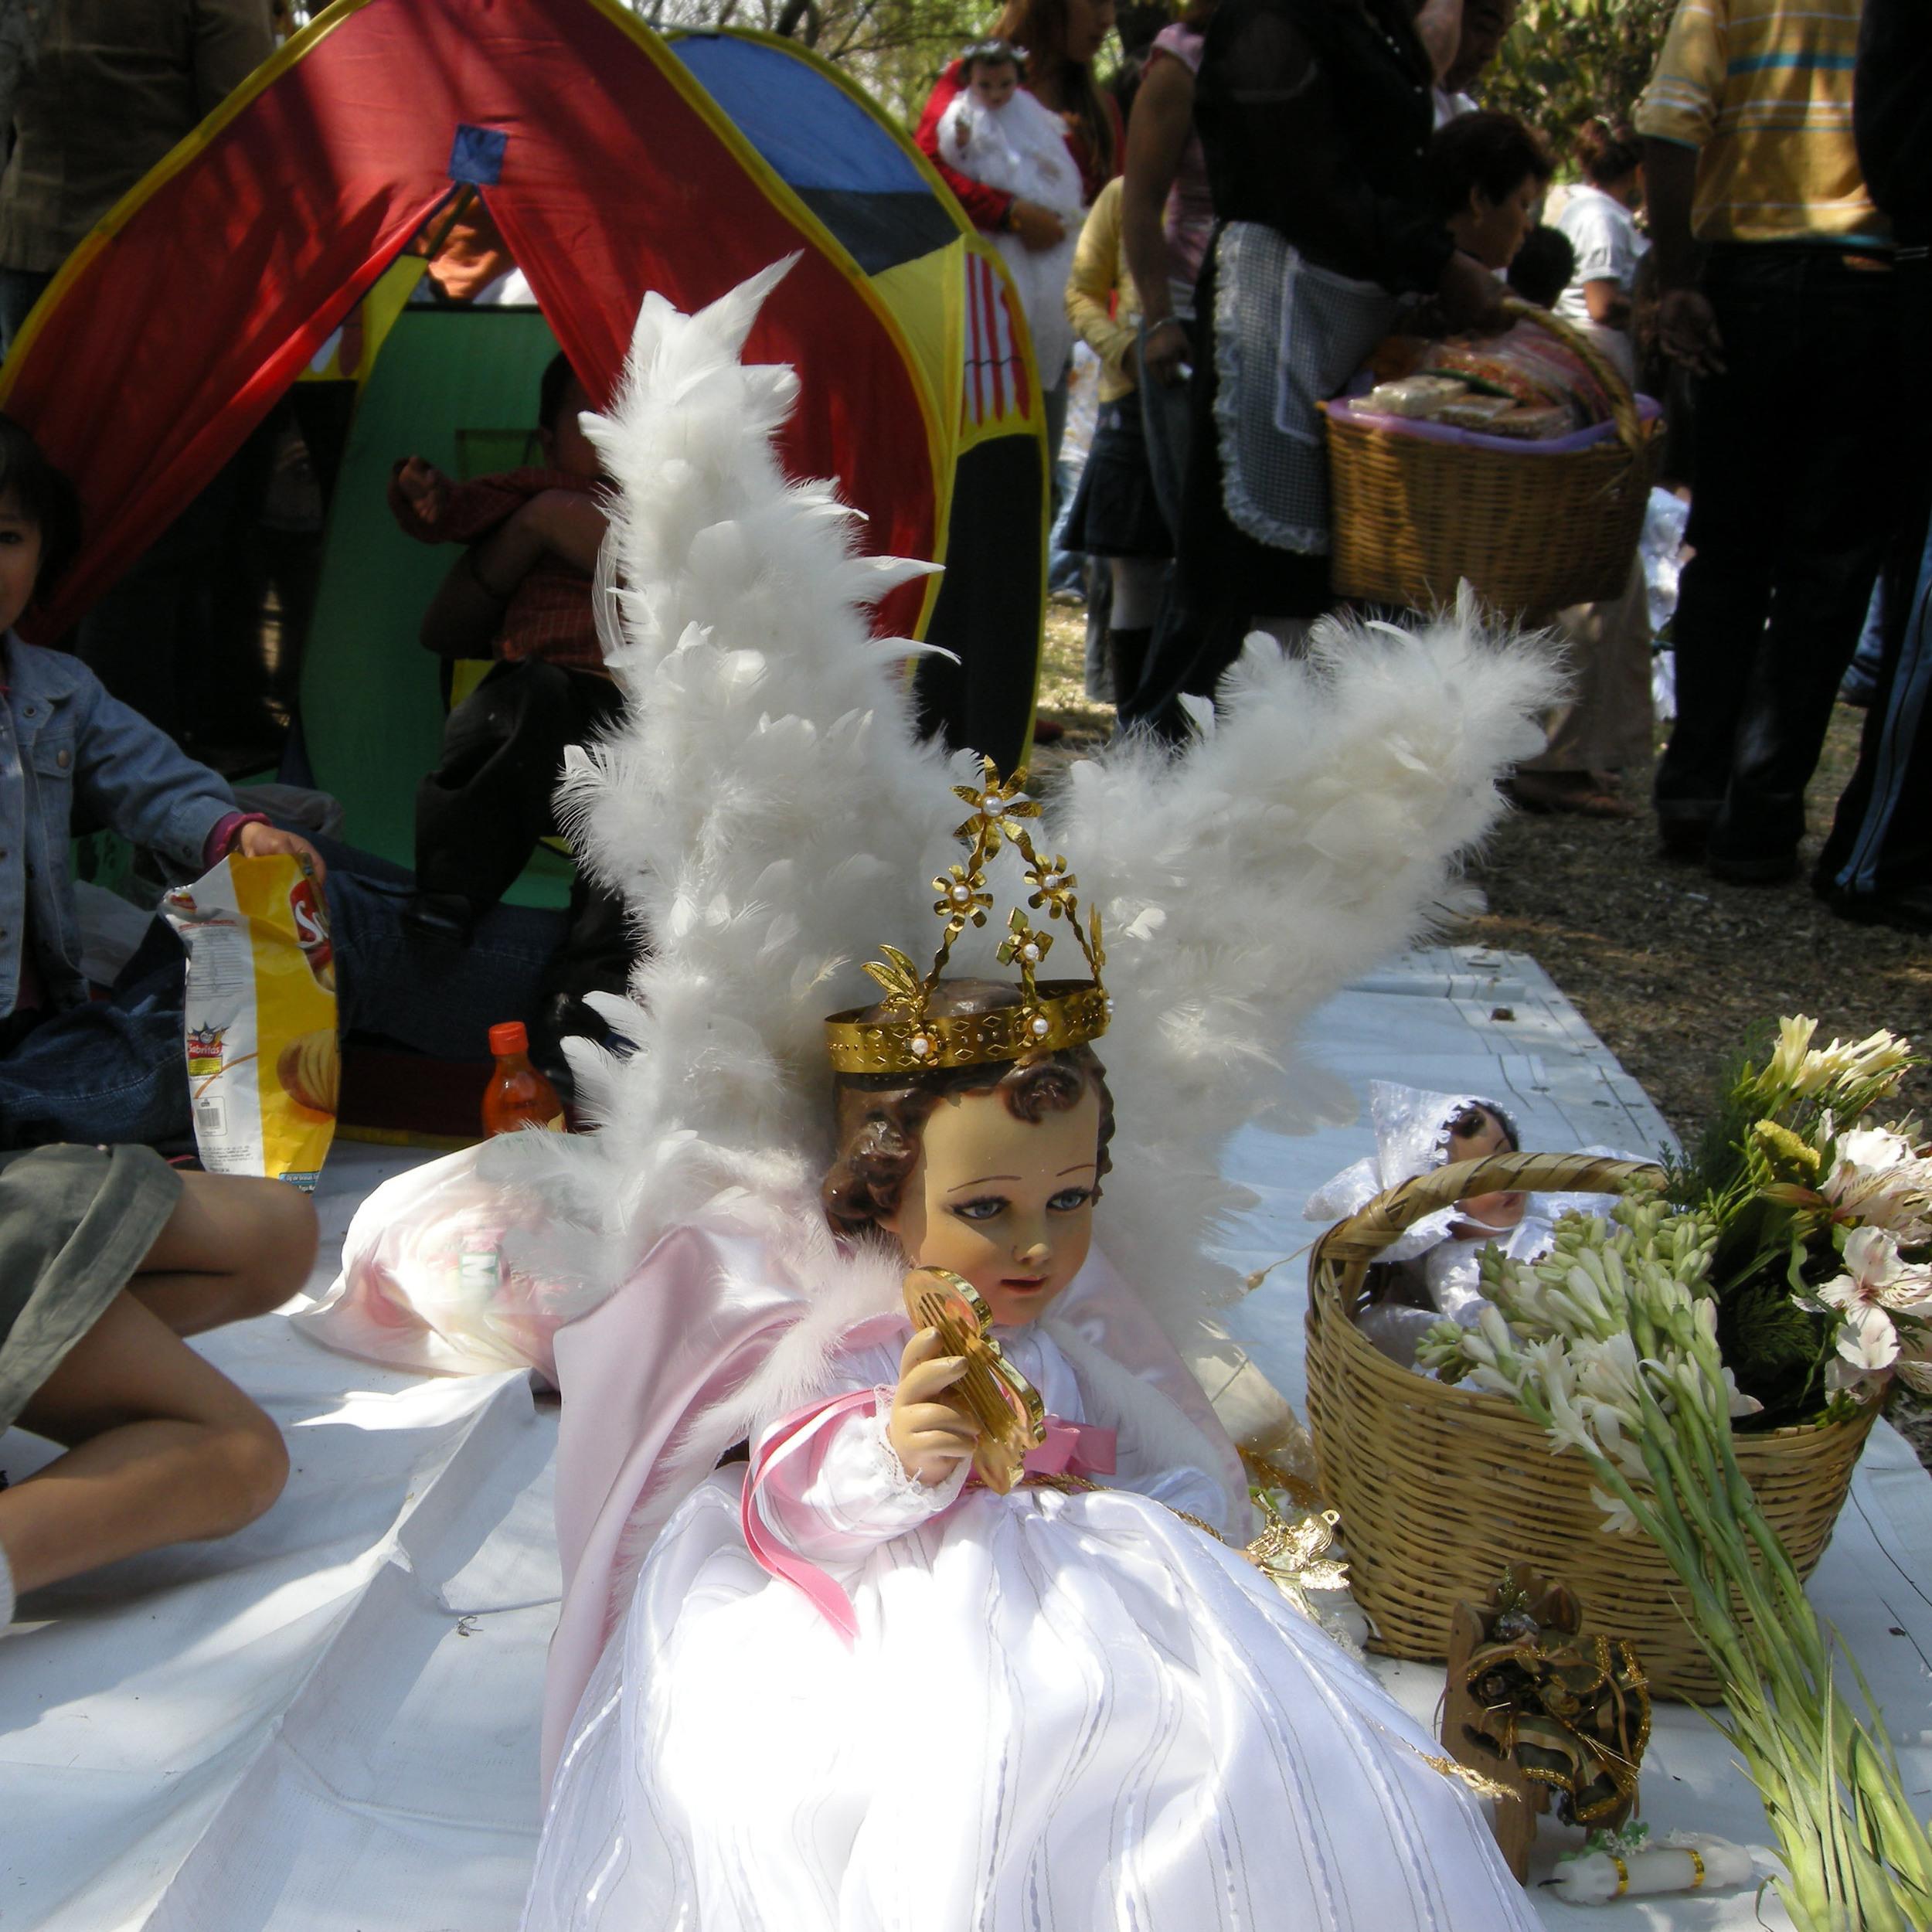 Bernadette_Felber,_Ni241;o_Jesus,_Xochimilco_II,_Mexico_2008,_photo on canvas,_cm_50x50.jpg